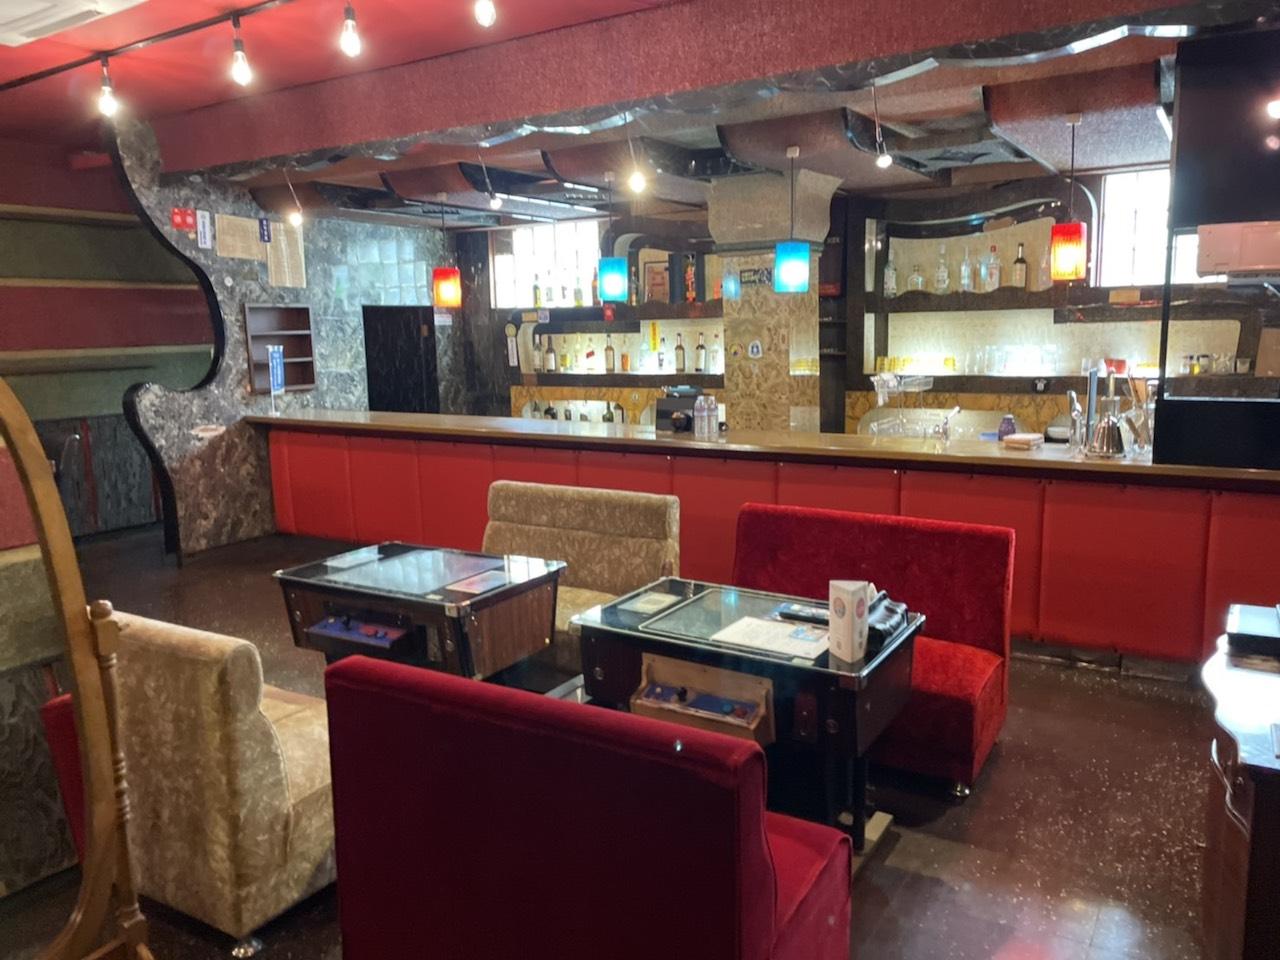 【食べて、飲んで、旅をして10】沖縄・コザのキャバレーをリノベーションしたホテルで海外気分